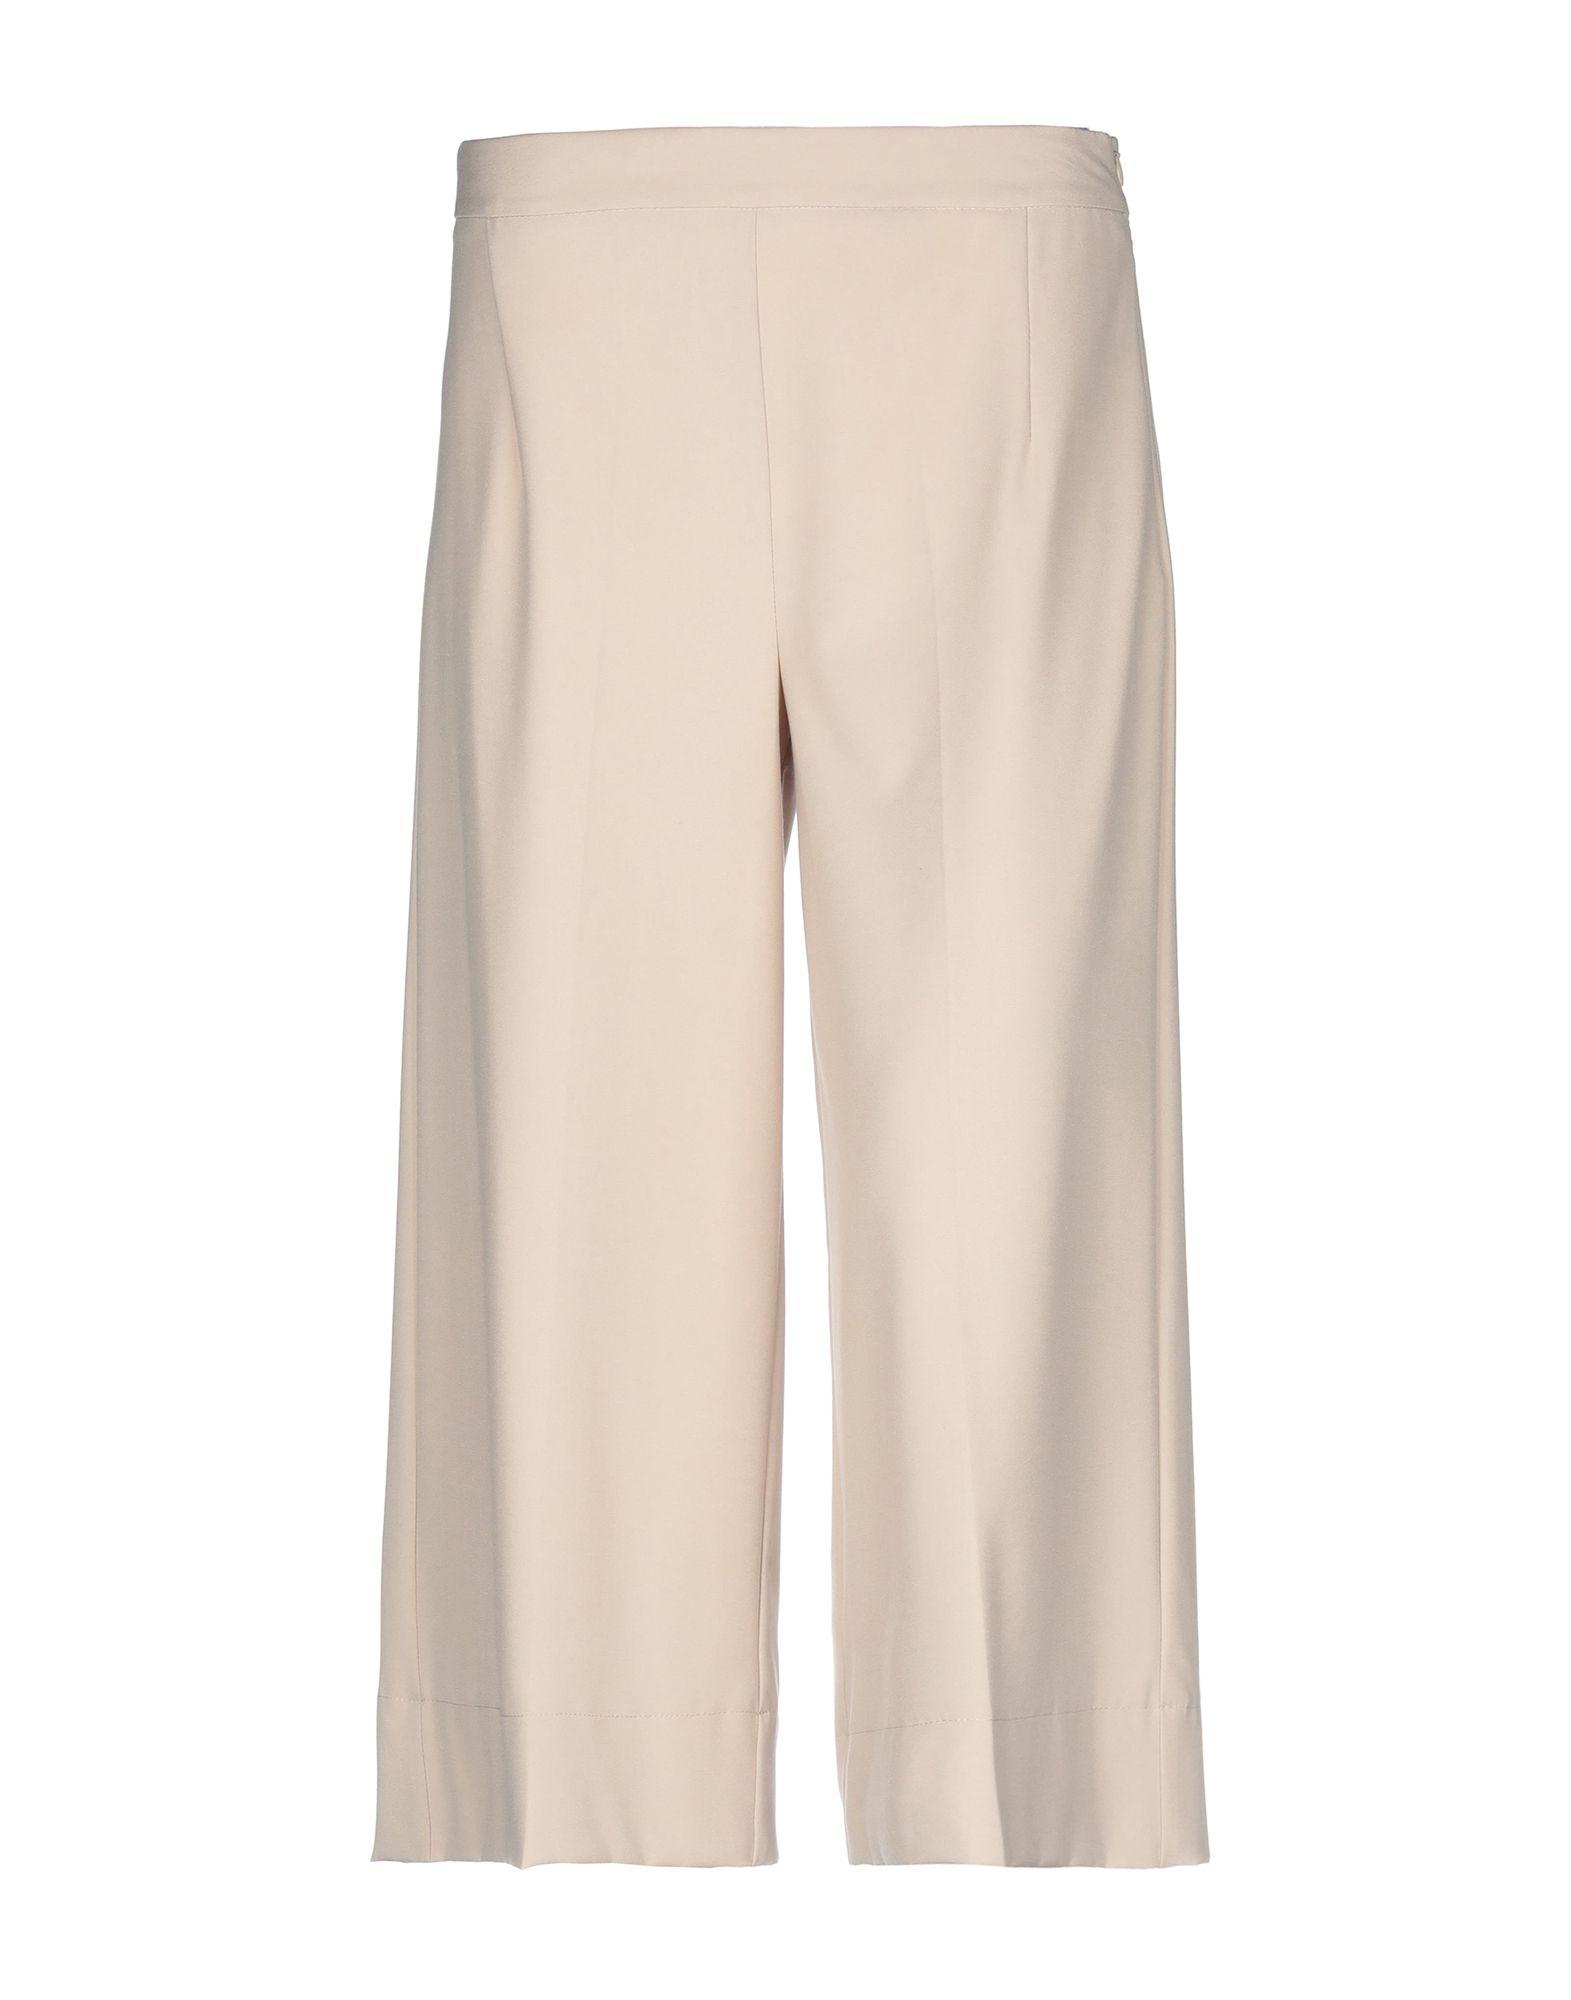 CRISTINA GAVIOLI COLLECTION Брюки-капри брюки cristina gavioli брюки широкие